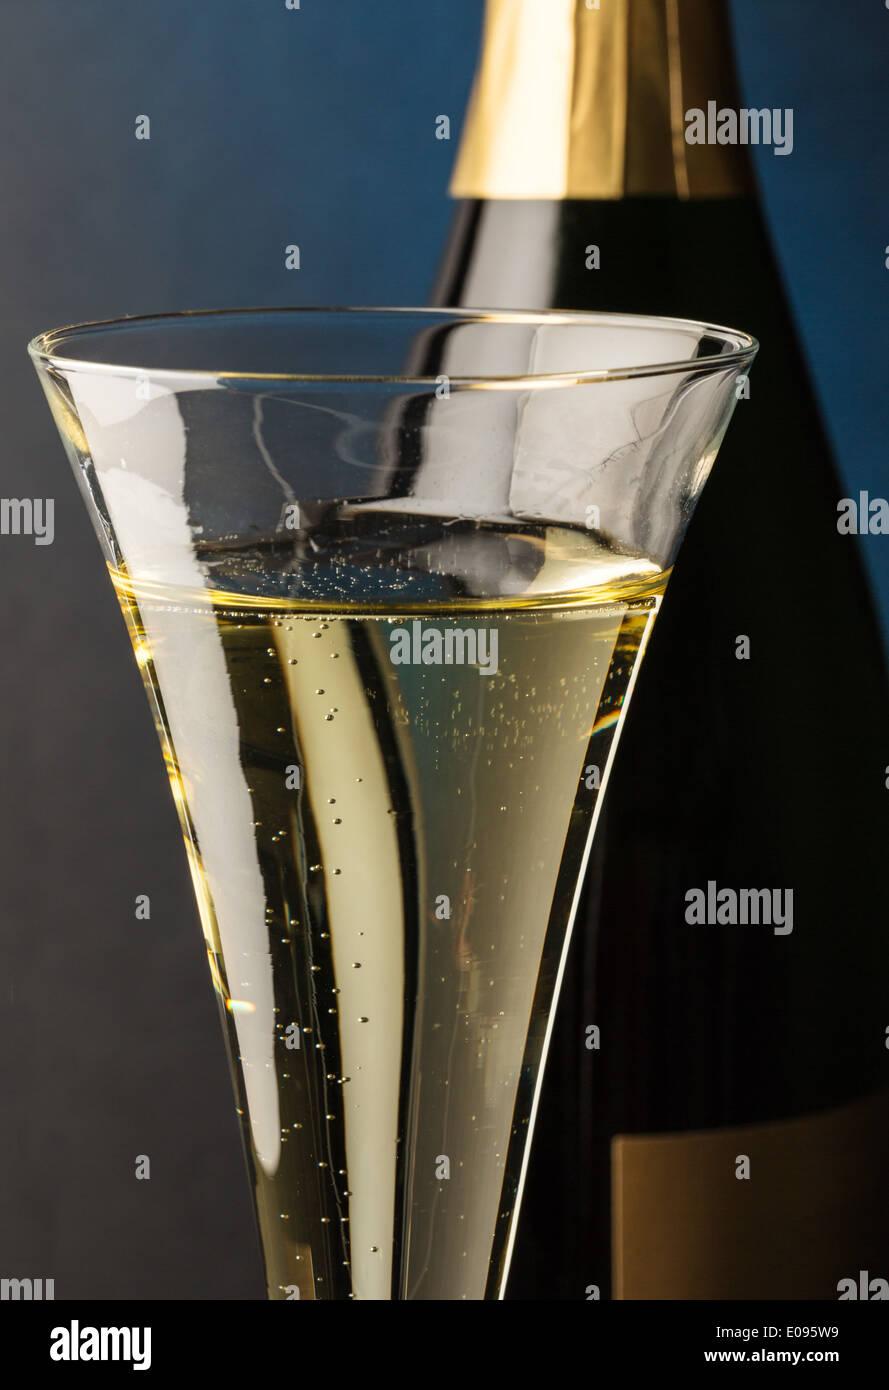 Champagner-Flasche mit Glas Champagner. Symbolische Foto Fue feiern und Wendungen des Jahres, Champagnerflasche Mit Sektglas. S Stockbild